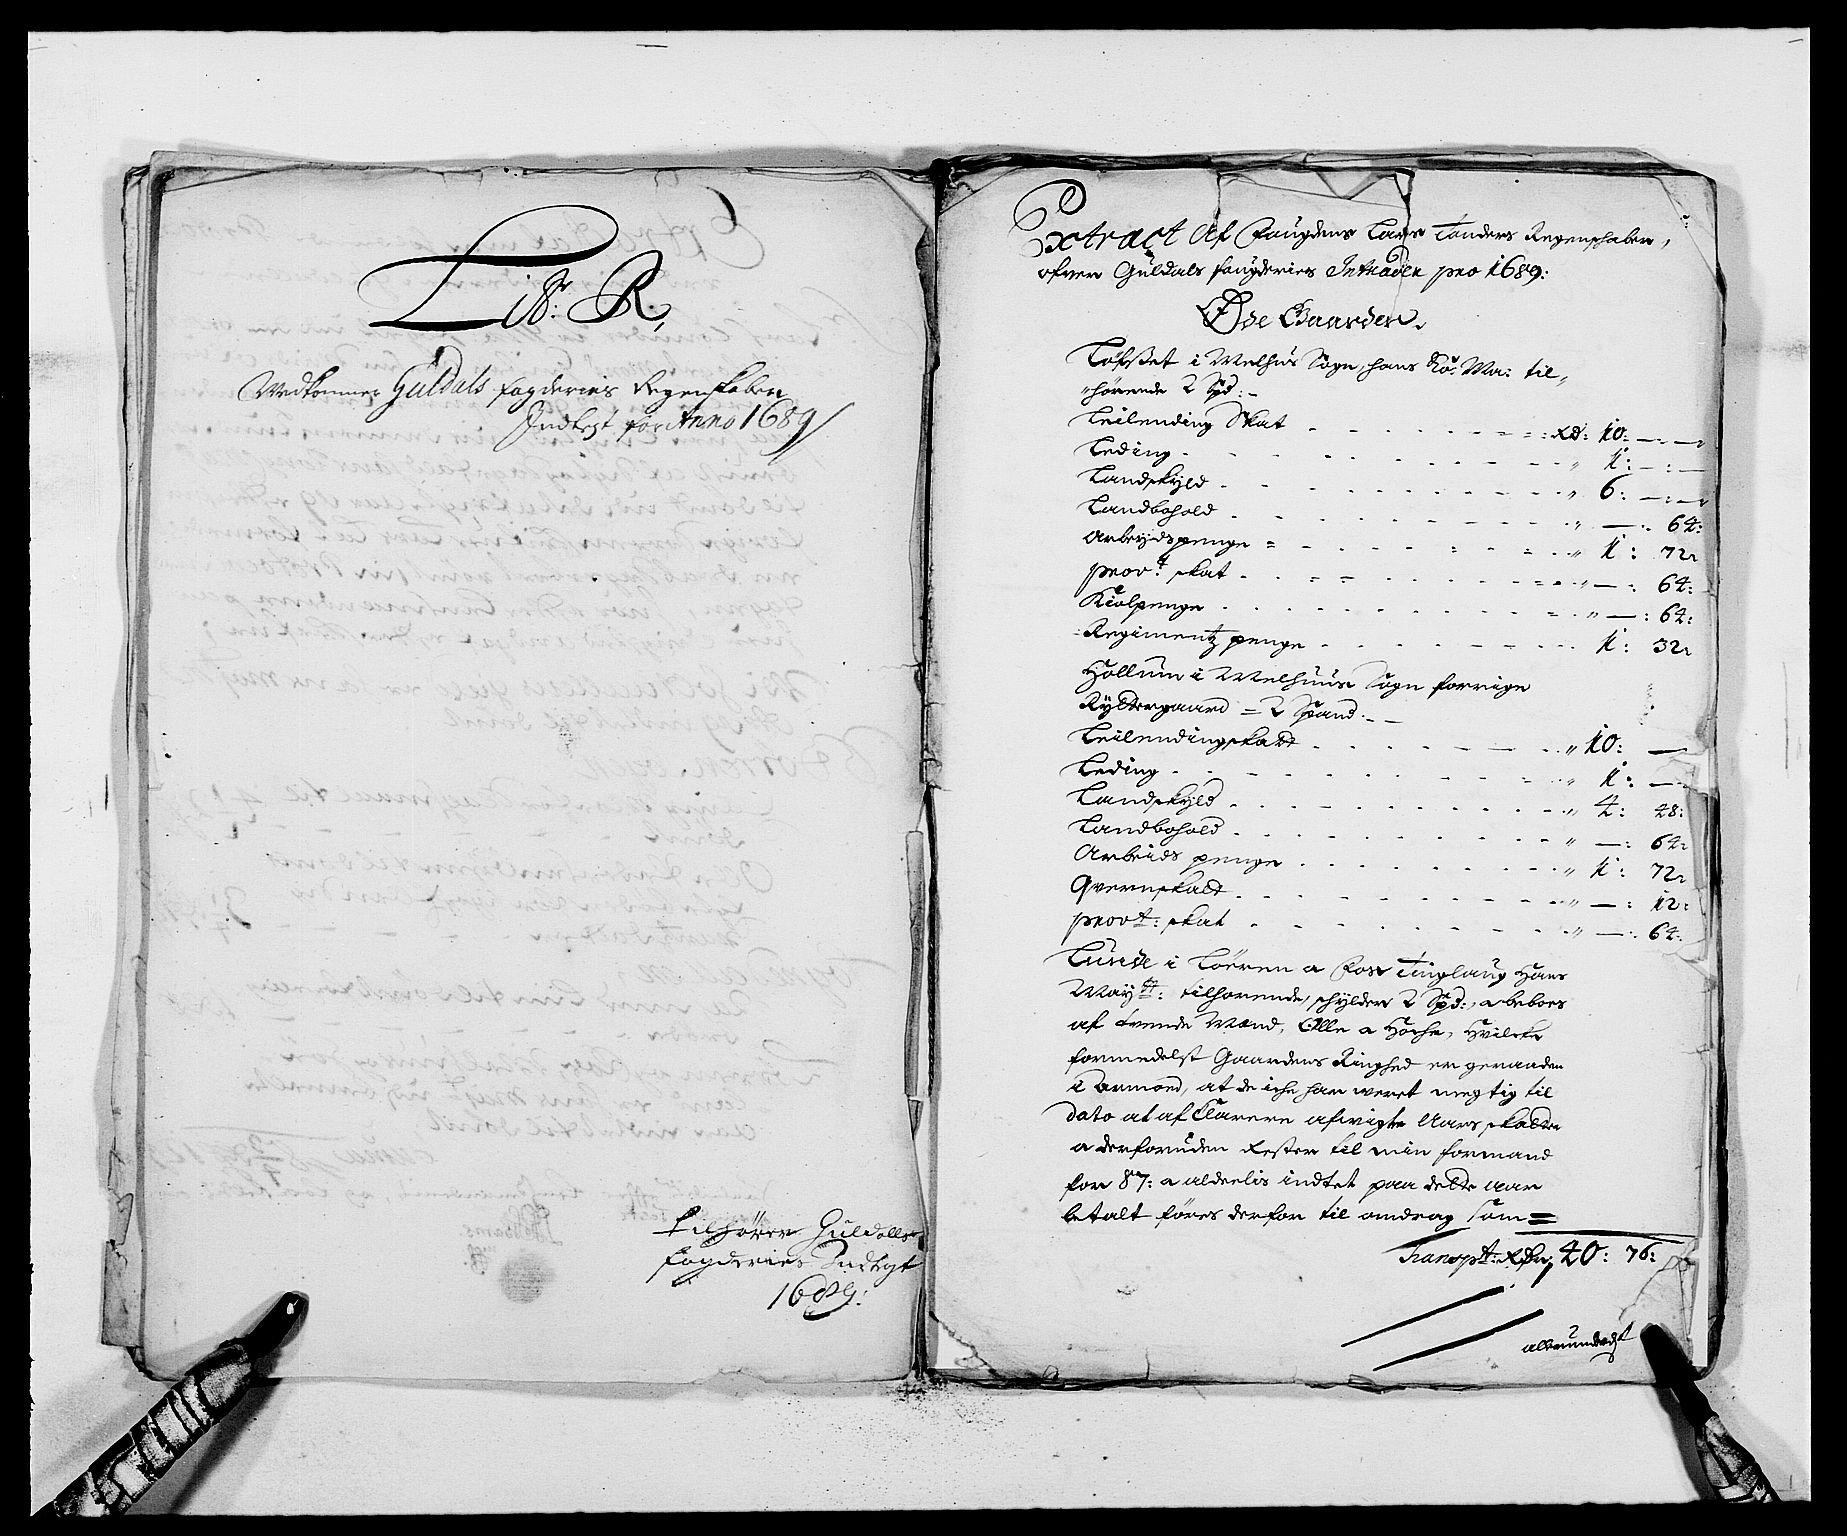 RA, Rentekammeret inntil 1814, Reviderte regnskaper, Fogderegnskap, R59/L3940: Fogderegnskap Gauldal, 1689-1690, s. 152